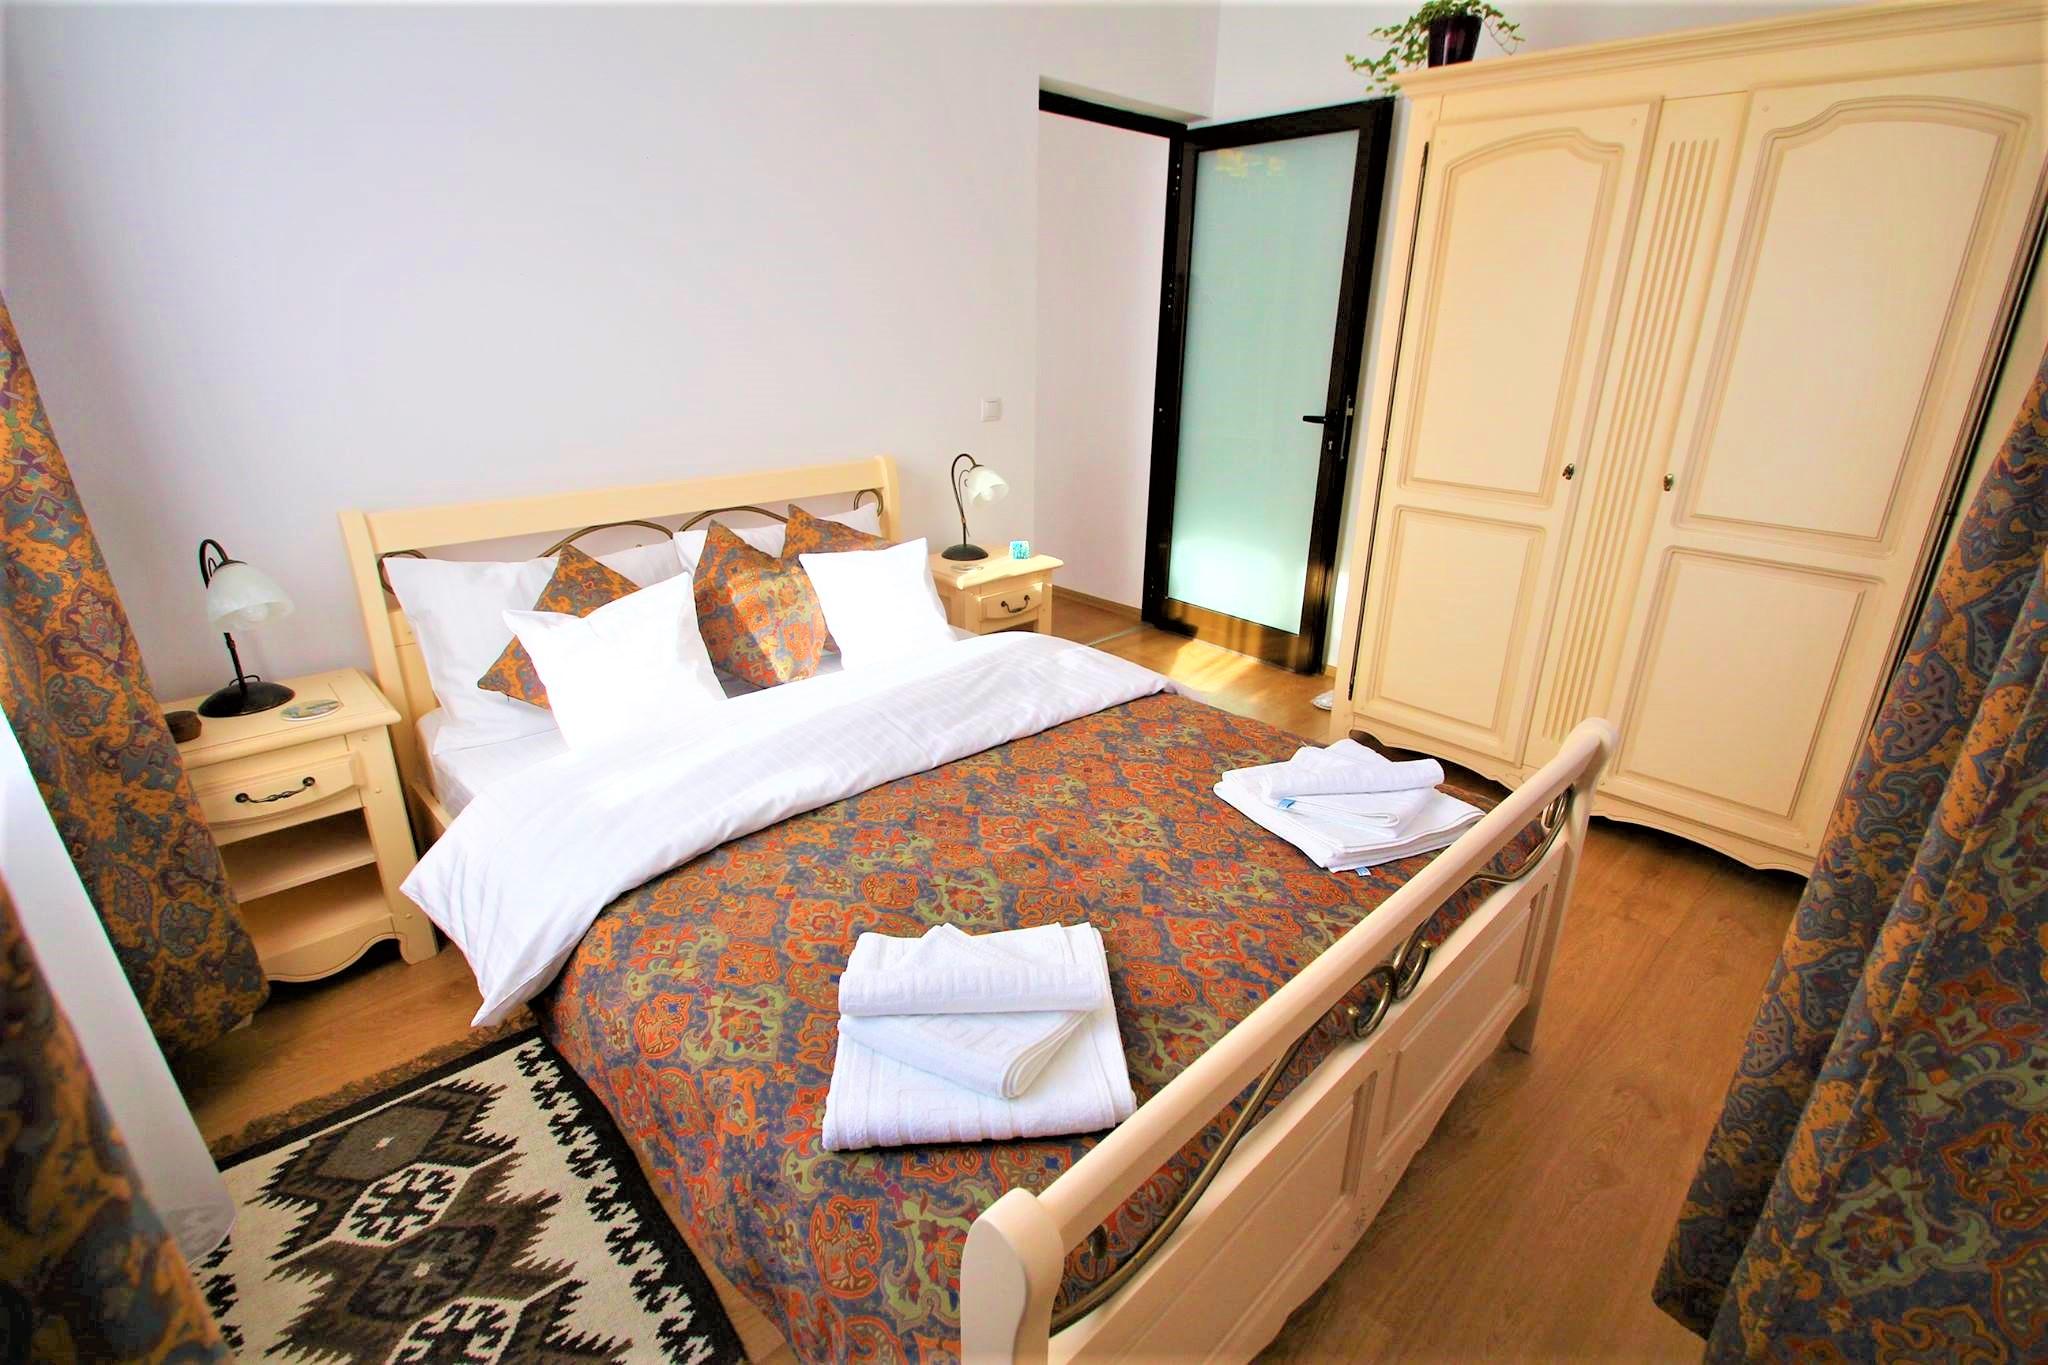 Suita cu doua dormitoare - Cazare in Sighisoara 3 persoane - Flora Luxury House, Sighisoara 4